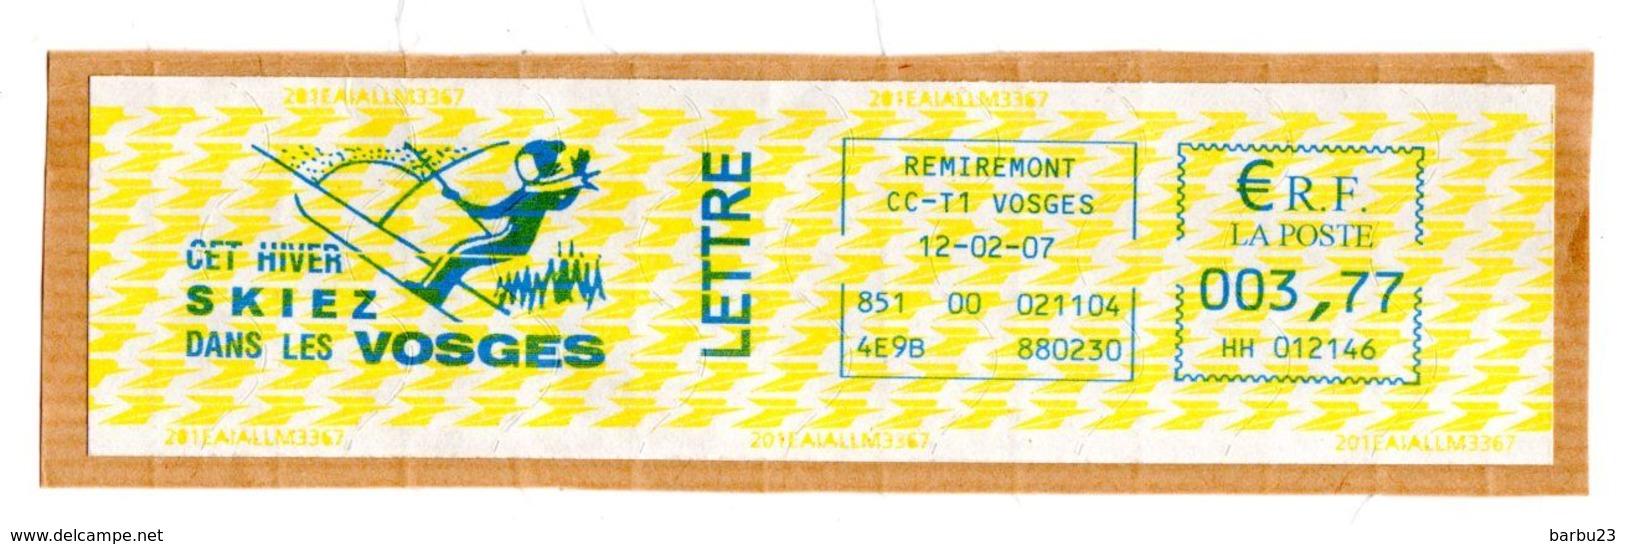 Affranchissement EMA Bleu 3,77€  Cet Hiver Skiez Dans Les Vosges Oblitération 12/02/207 Sur Fragment - EMA (Print Machine)